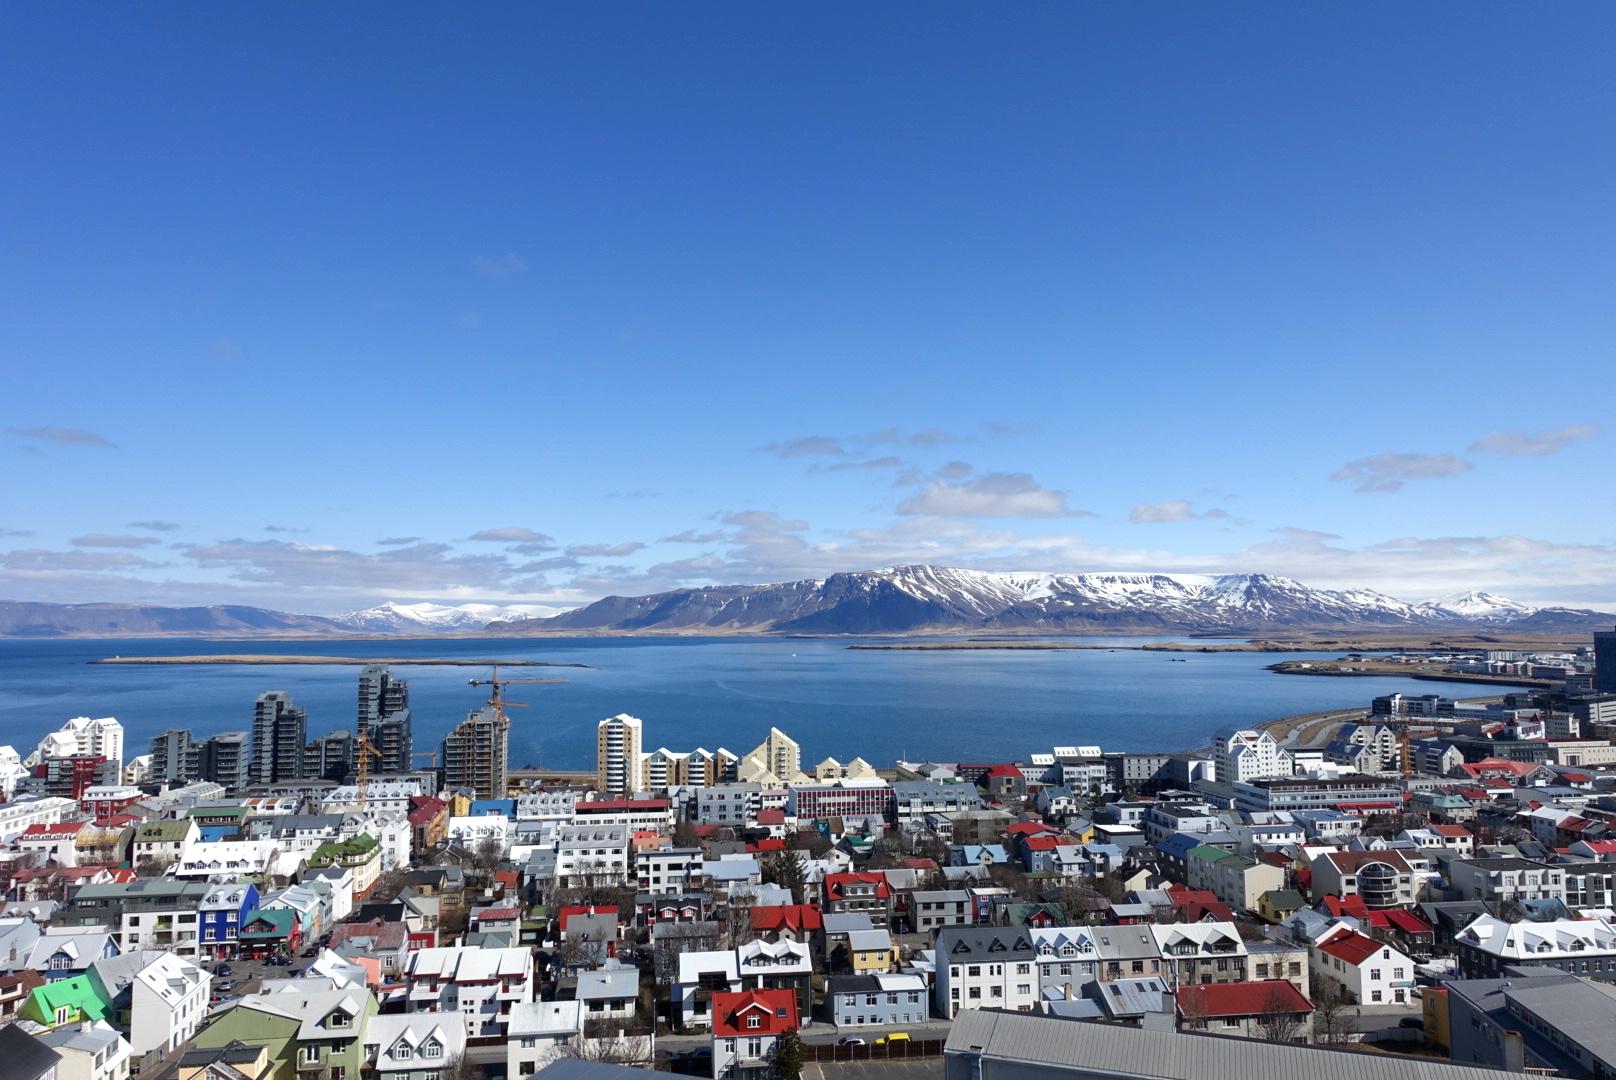 L'horizon montagneux de Reykjavík est un régal toujours présent dans la capitale la plus septentrionale du monde.